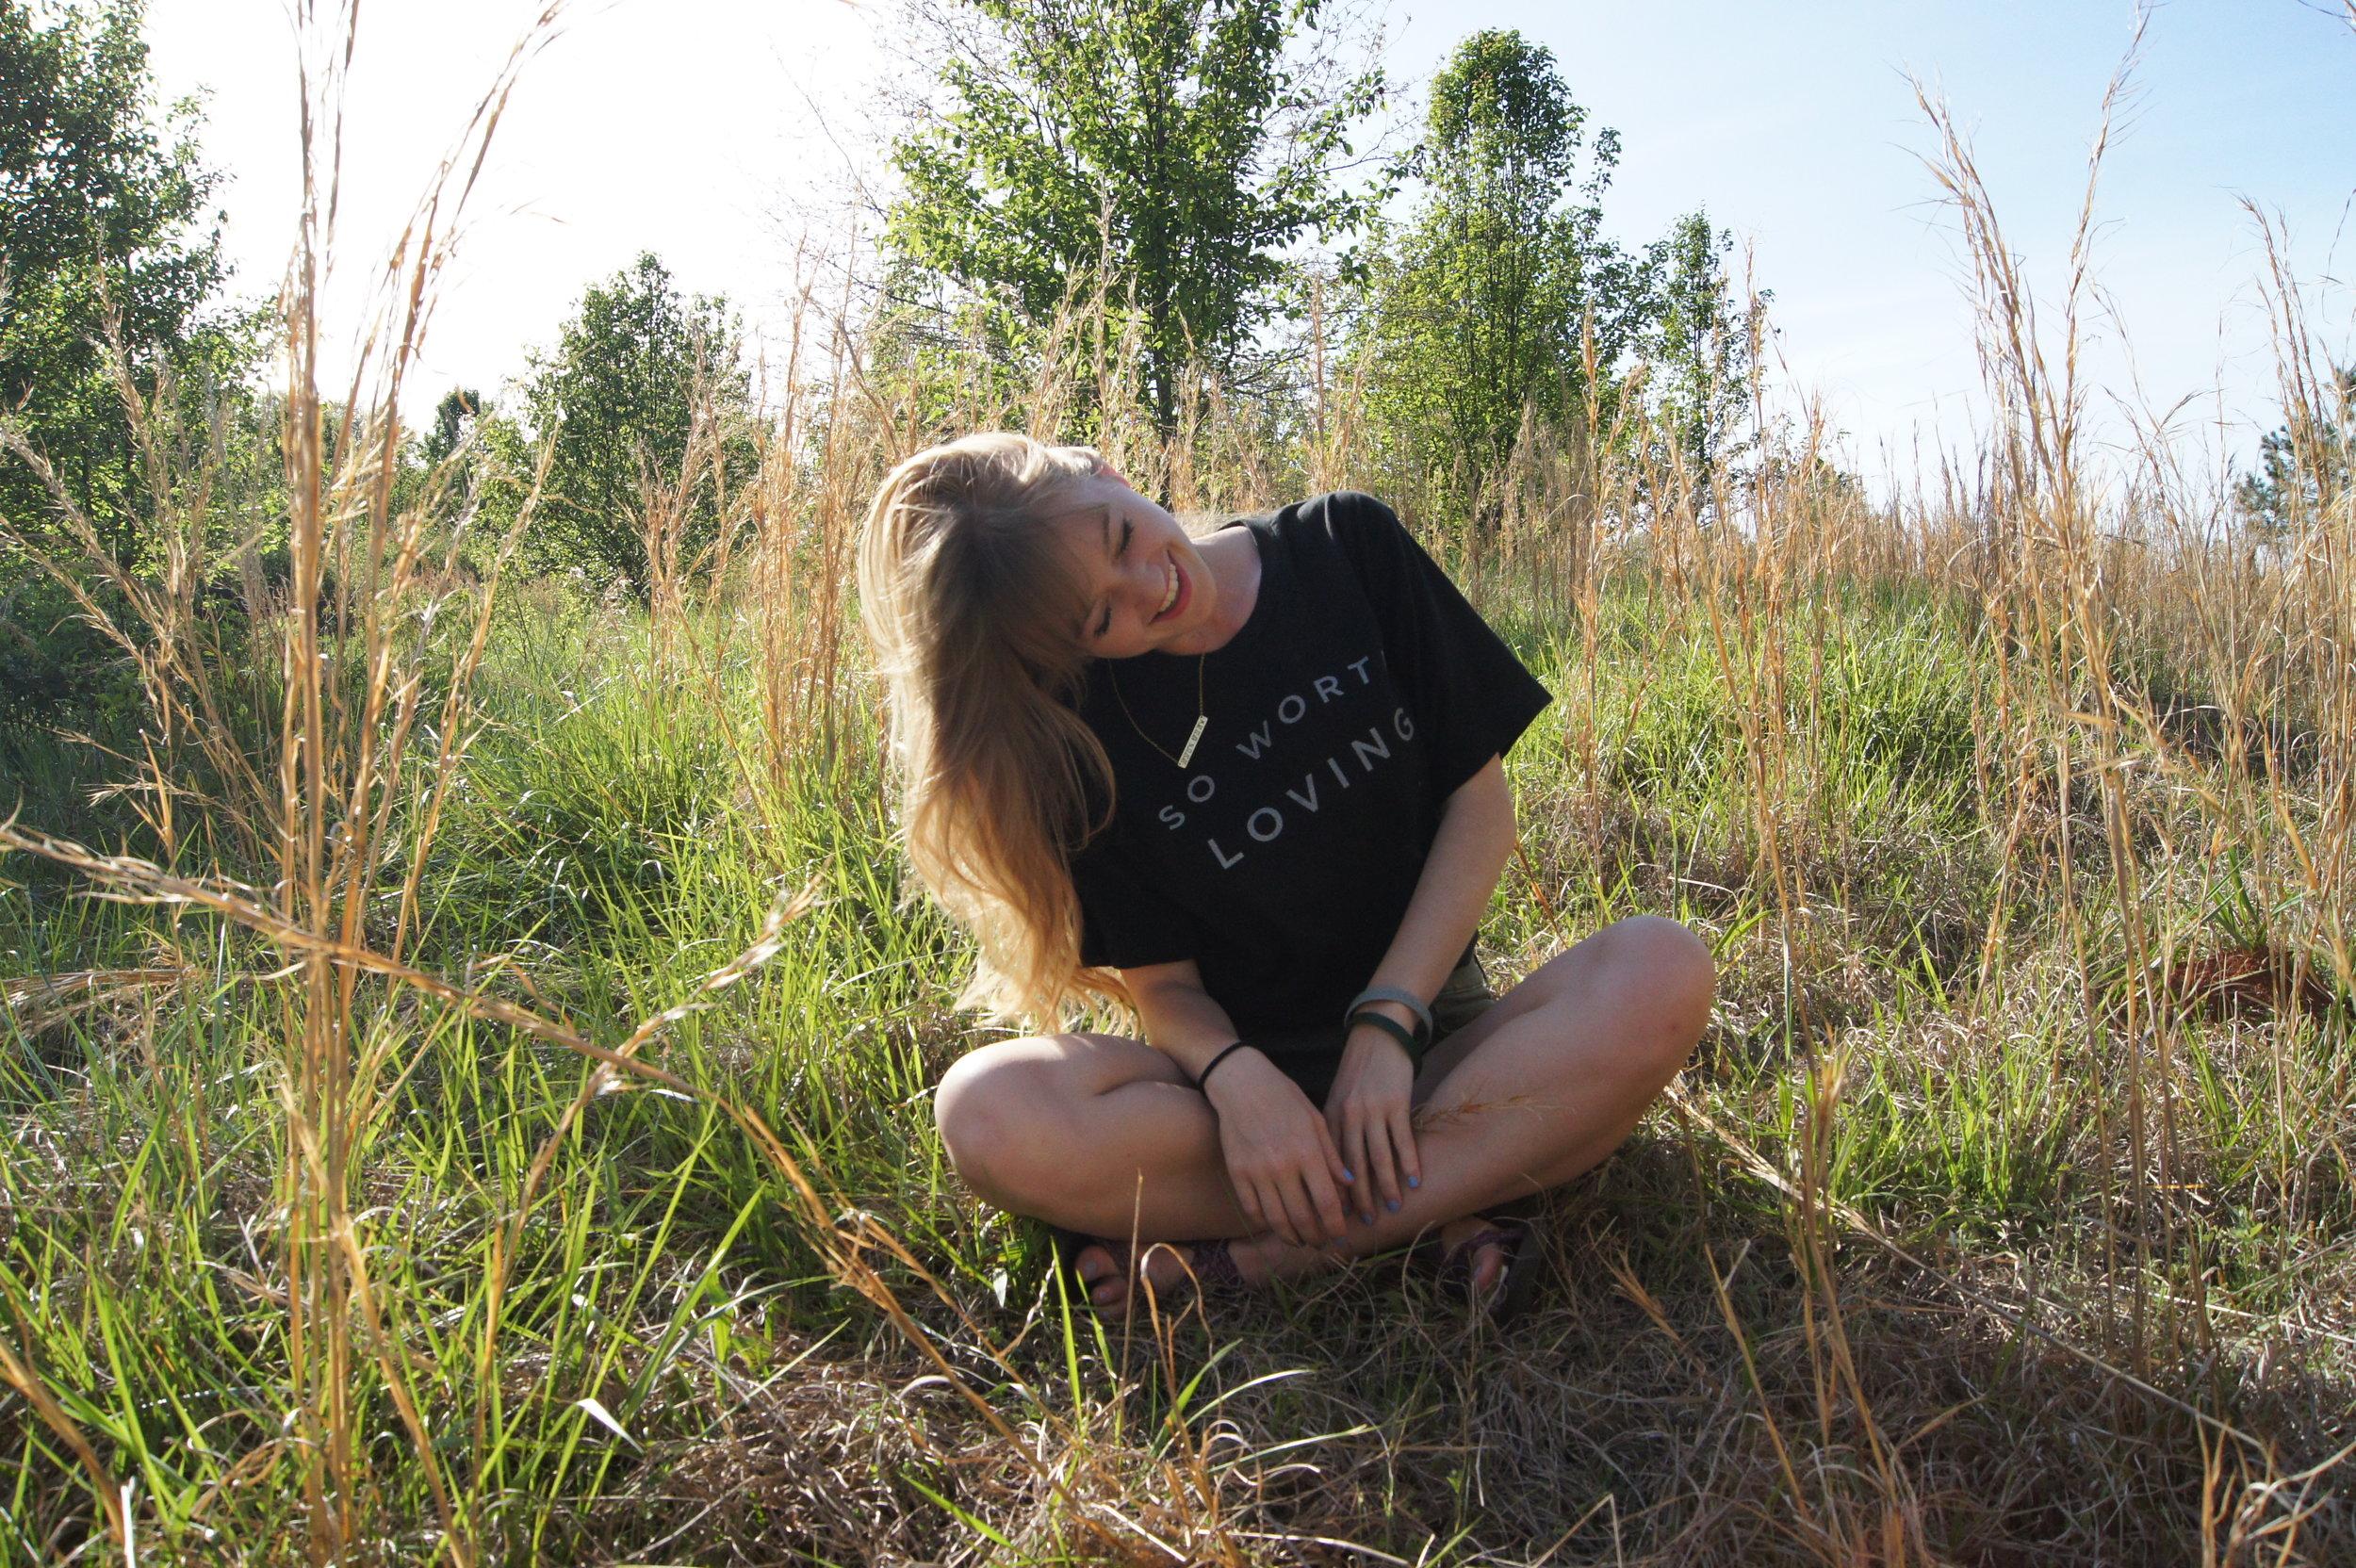 Madison Garrett